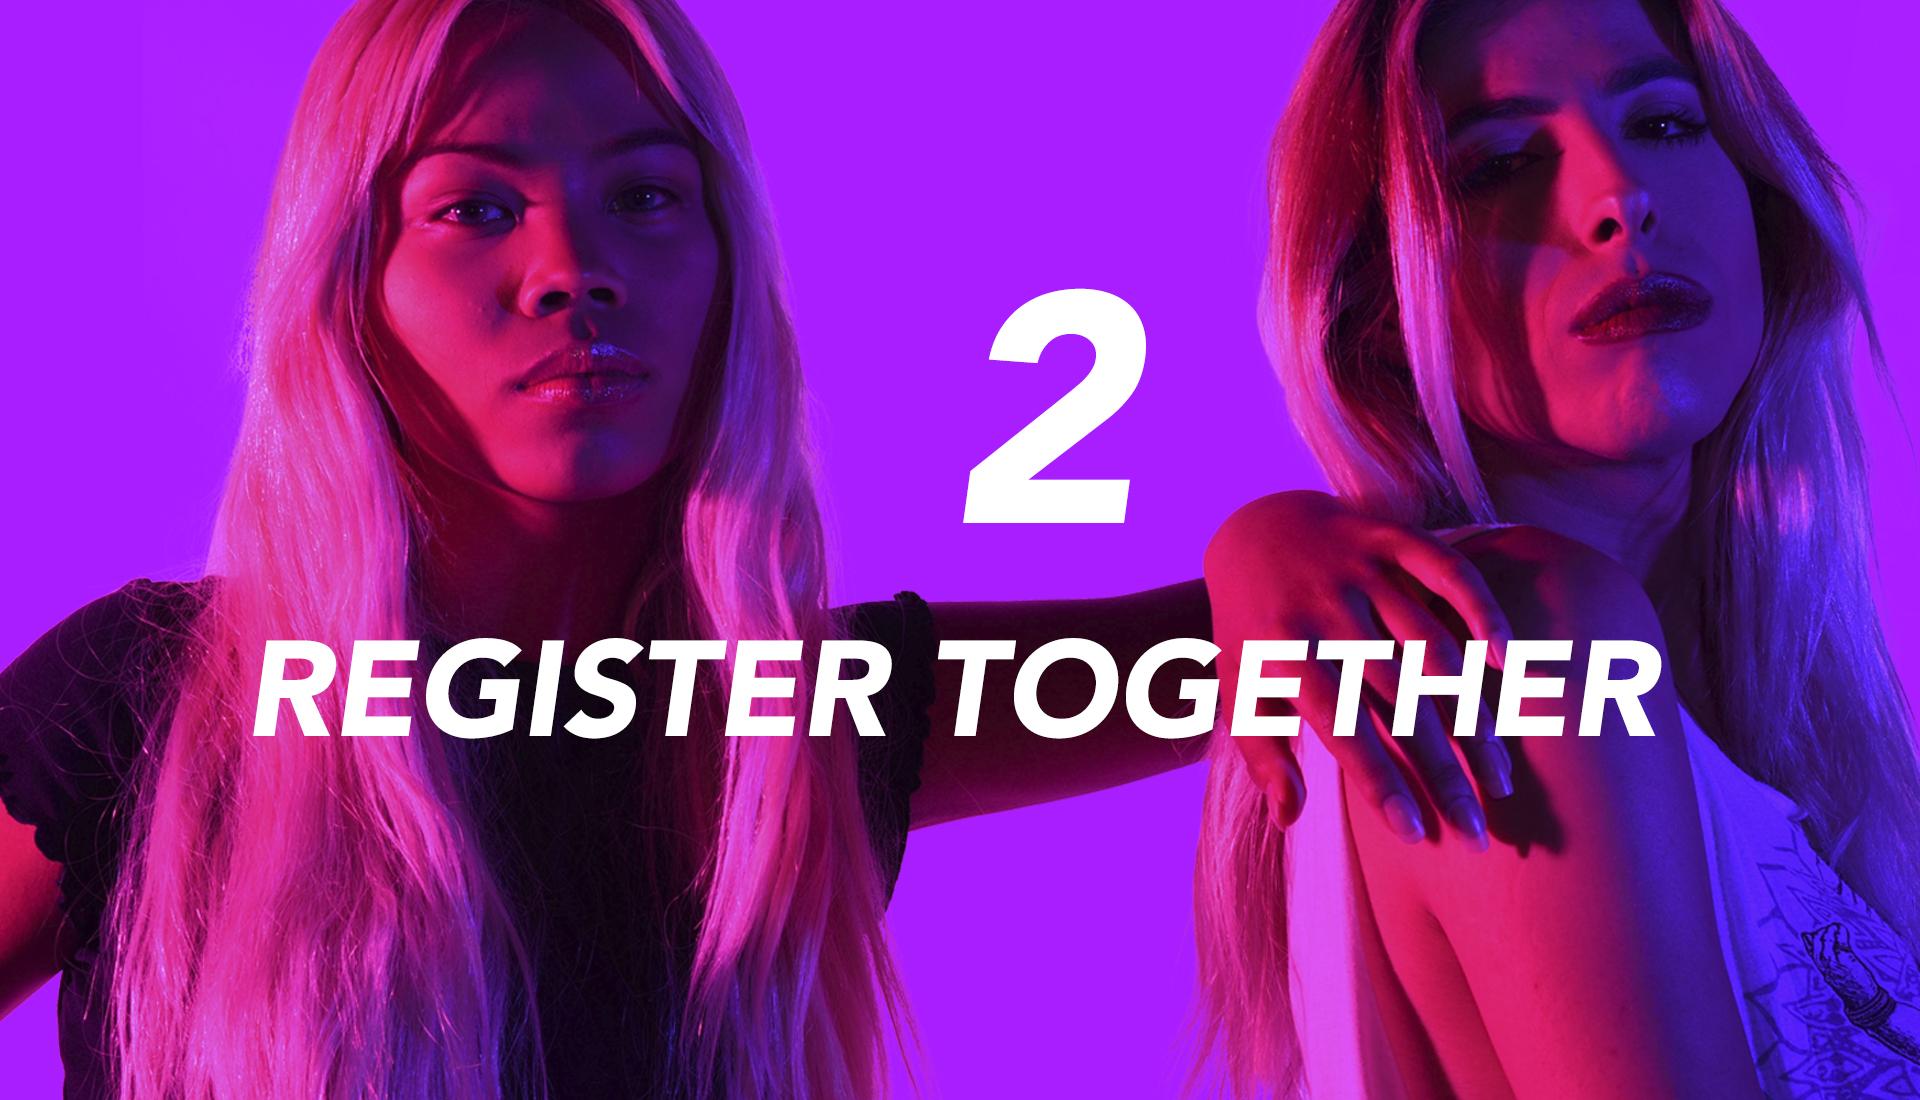 Register Together